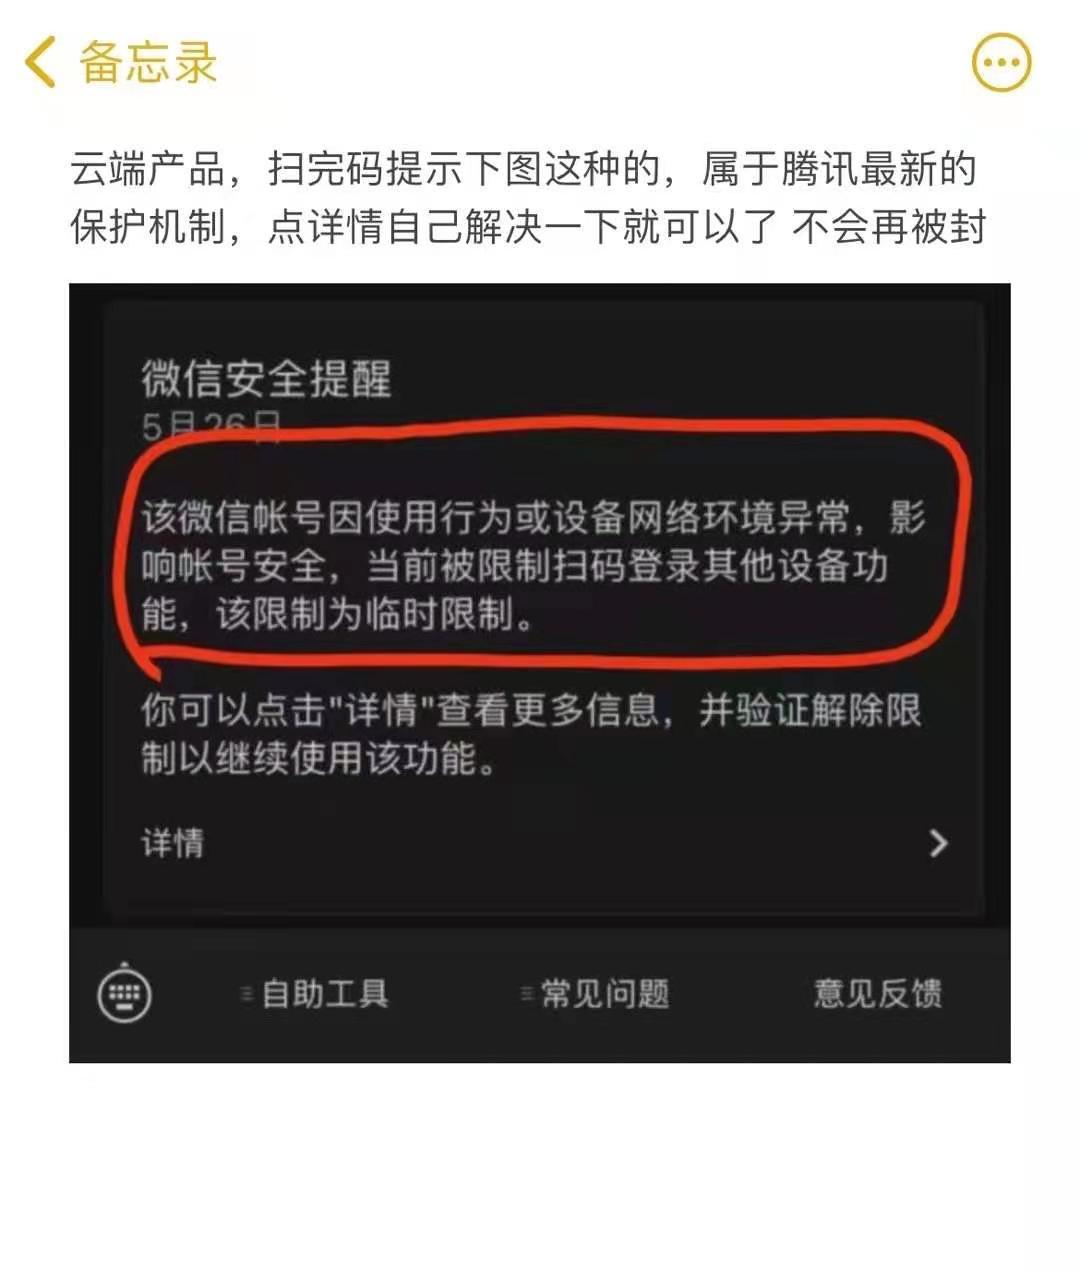 解决云端软件扫二维码登录当前被限制扫码登录其他设备功能